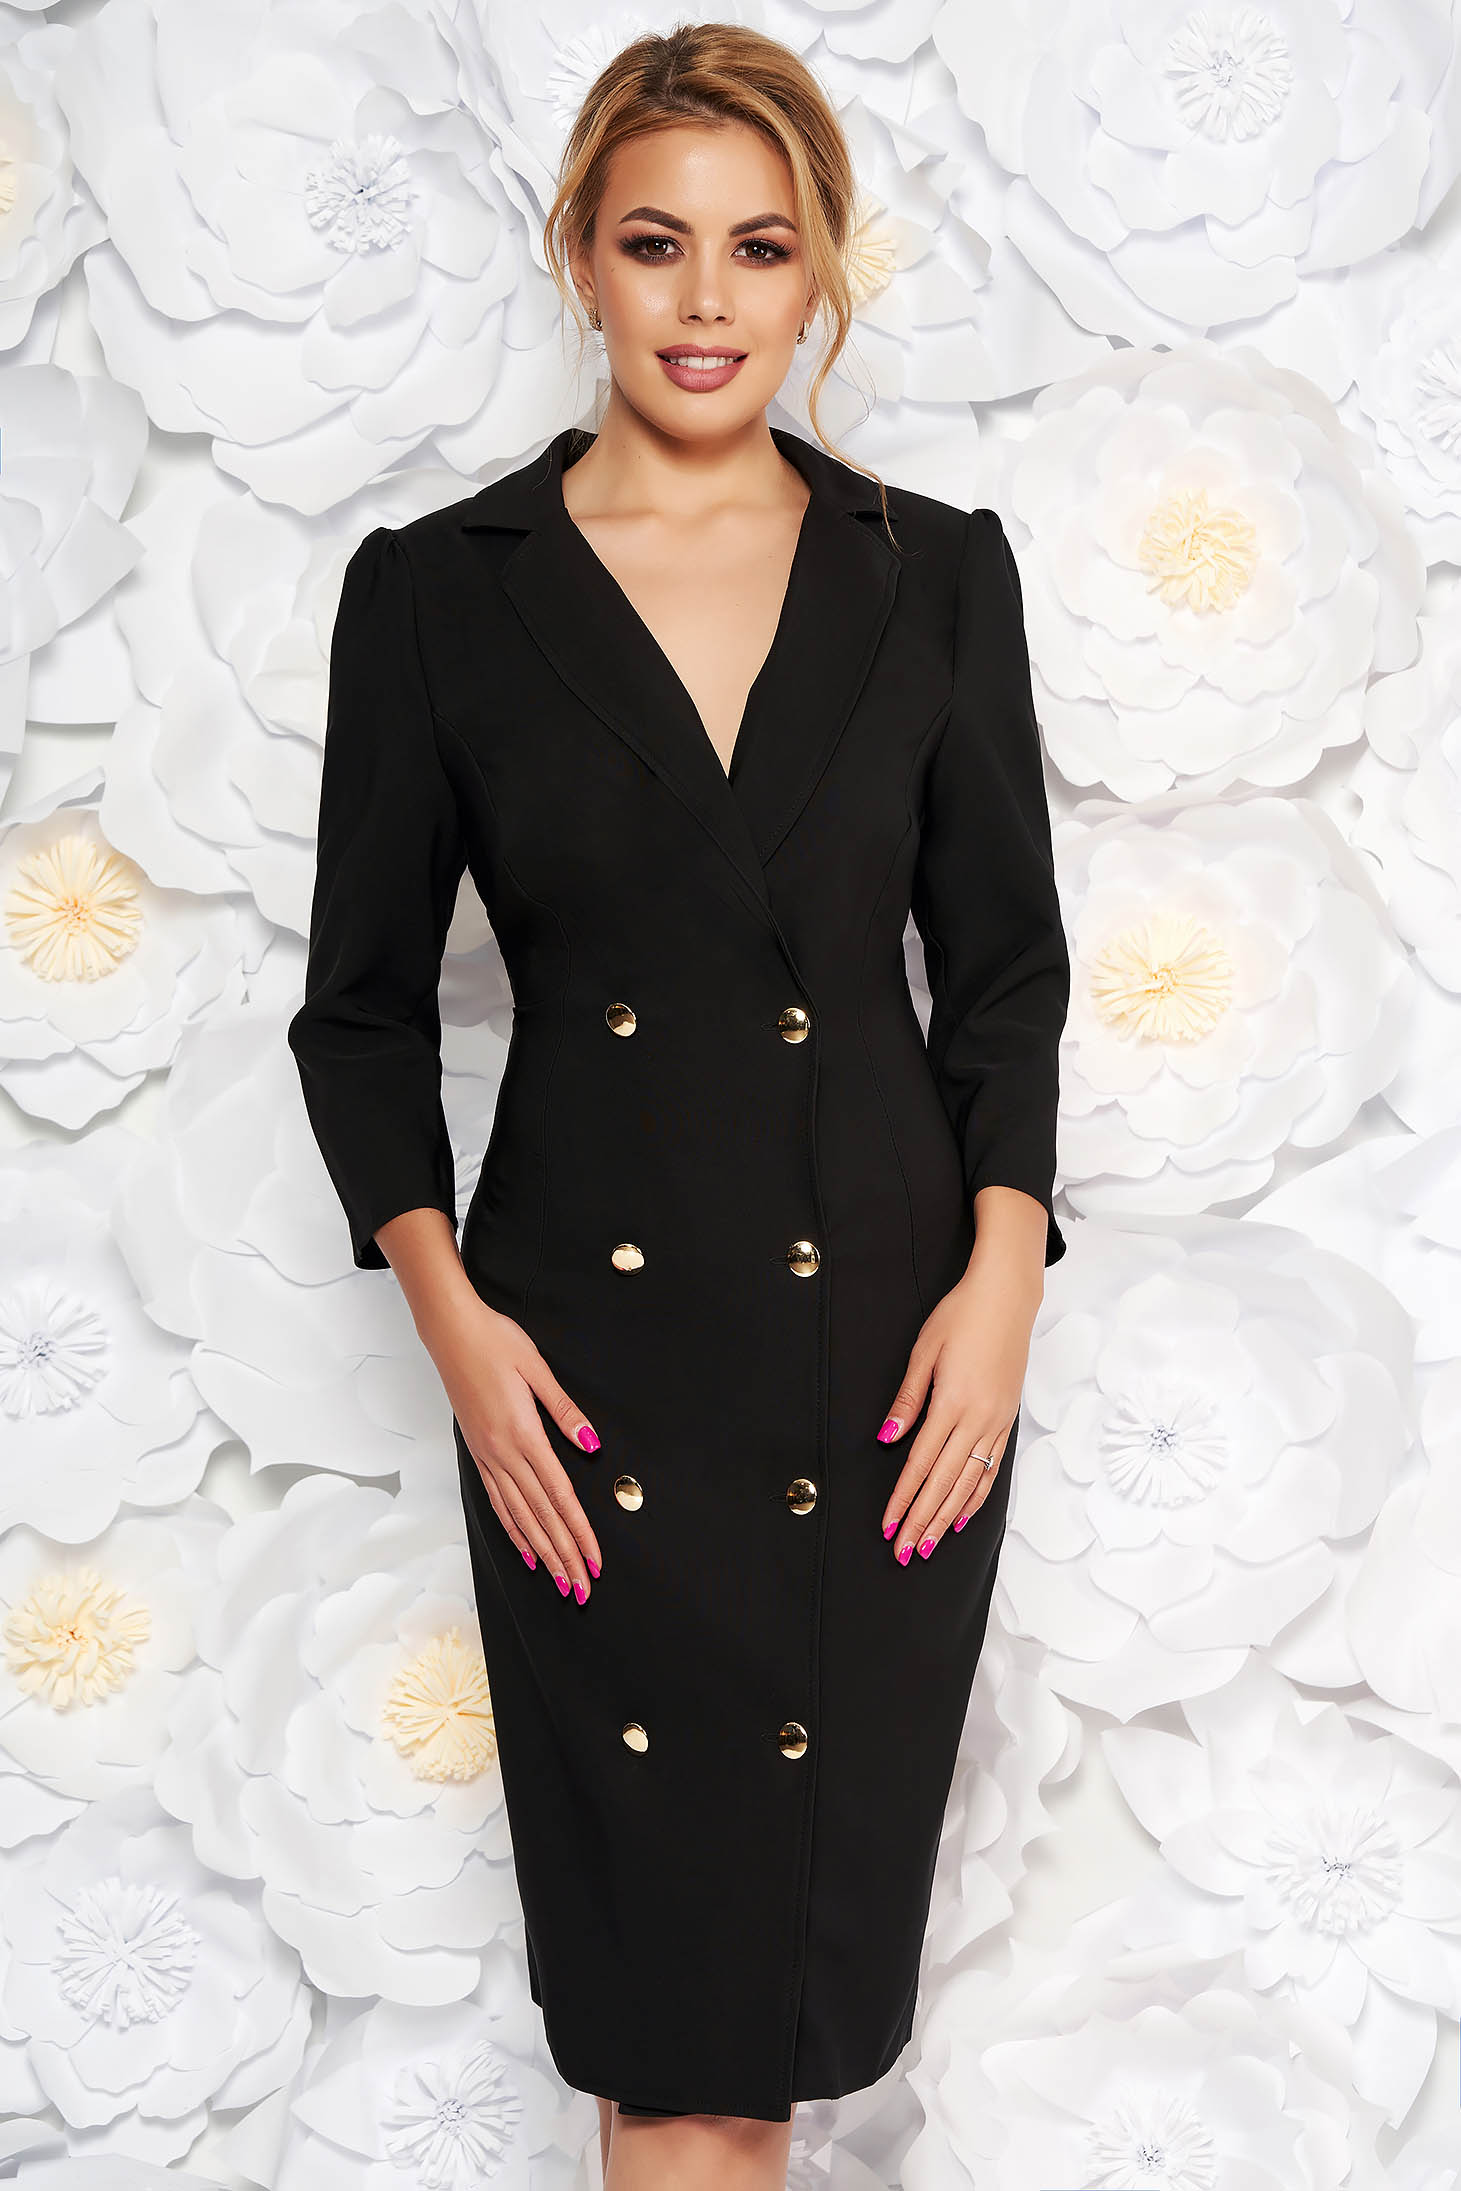 Rochie Artista neagra eleganta petrecuta tip sacou din stofa usor elastica accesorizata cu nasturi